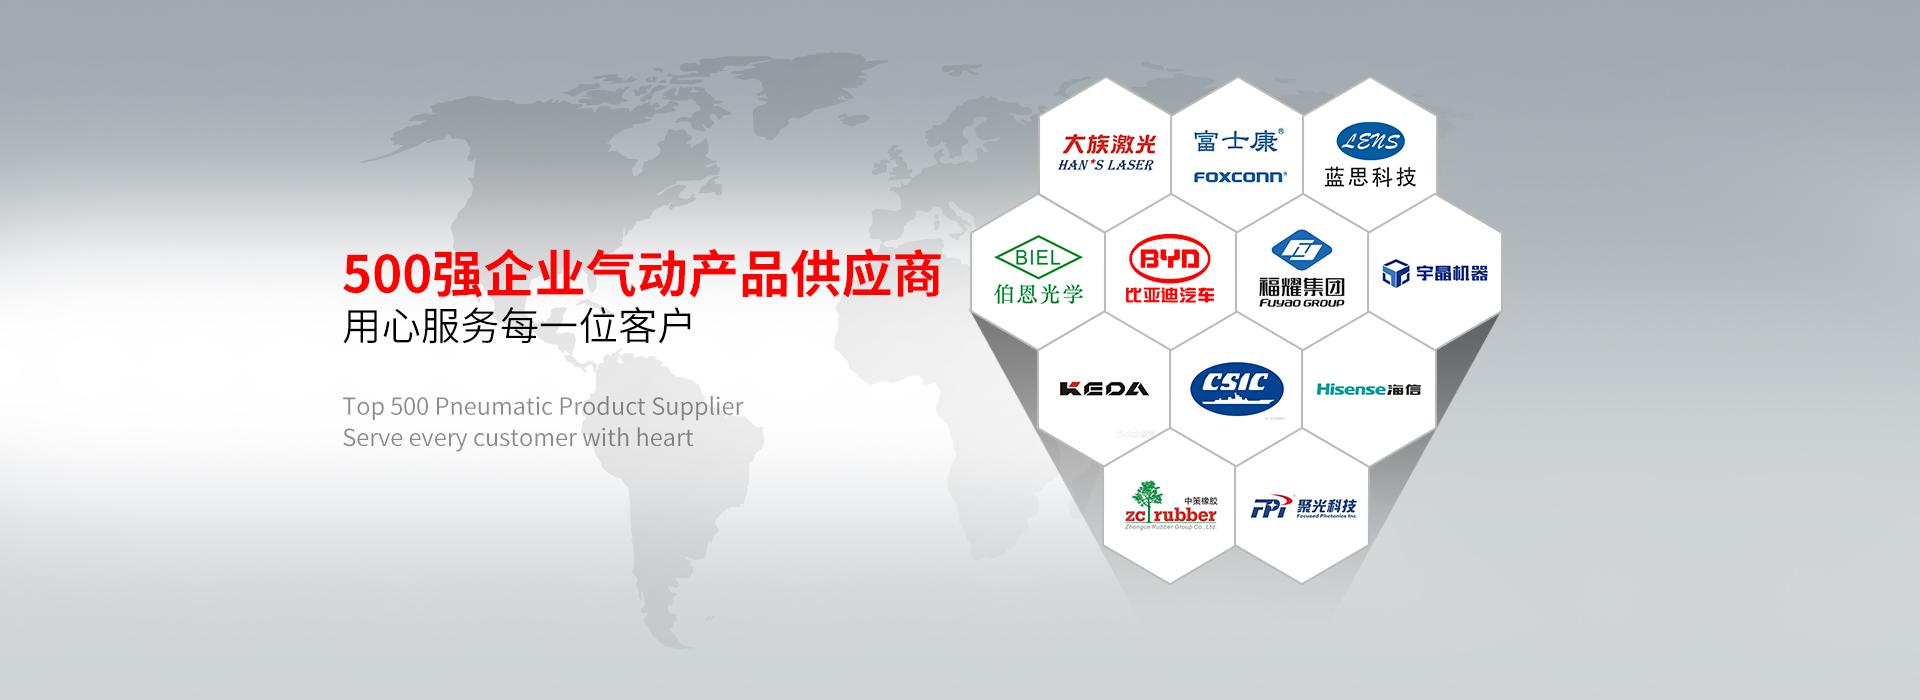 诺能泰--500强企业气动产品供应商